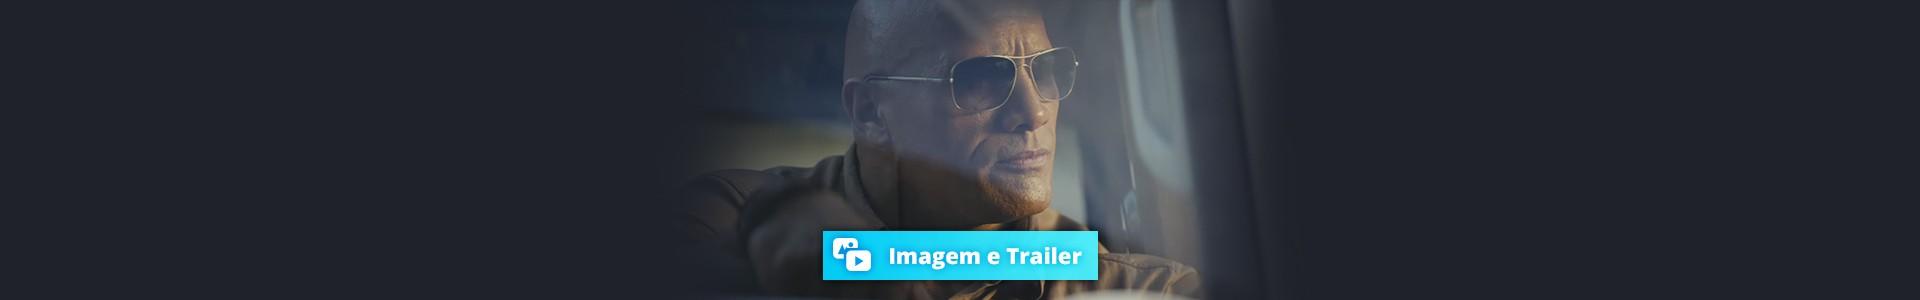 Rampage: The Rock aparece ao lado de um Macaco Gigante Imagem Exclusiva e Trailer